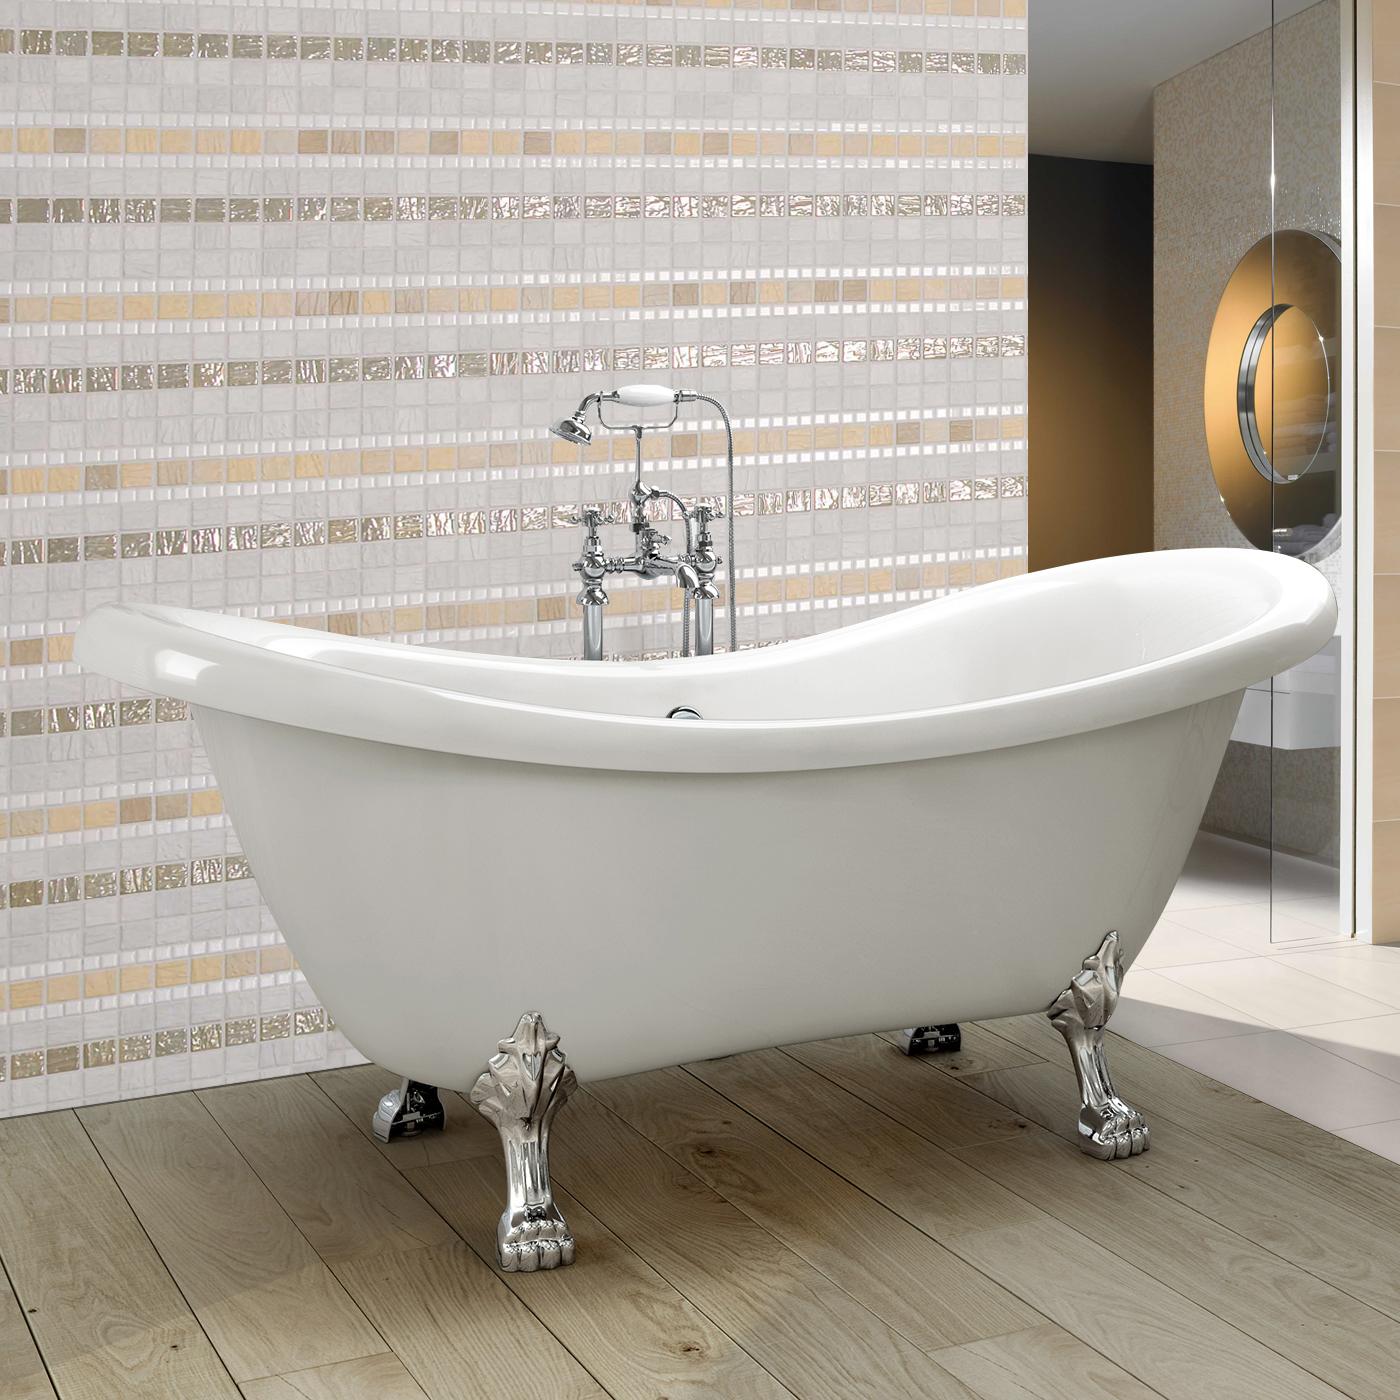 Акриловая ванна Grossman GR-6806 акриловая ванна grossman gr 18012